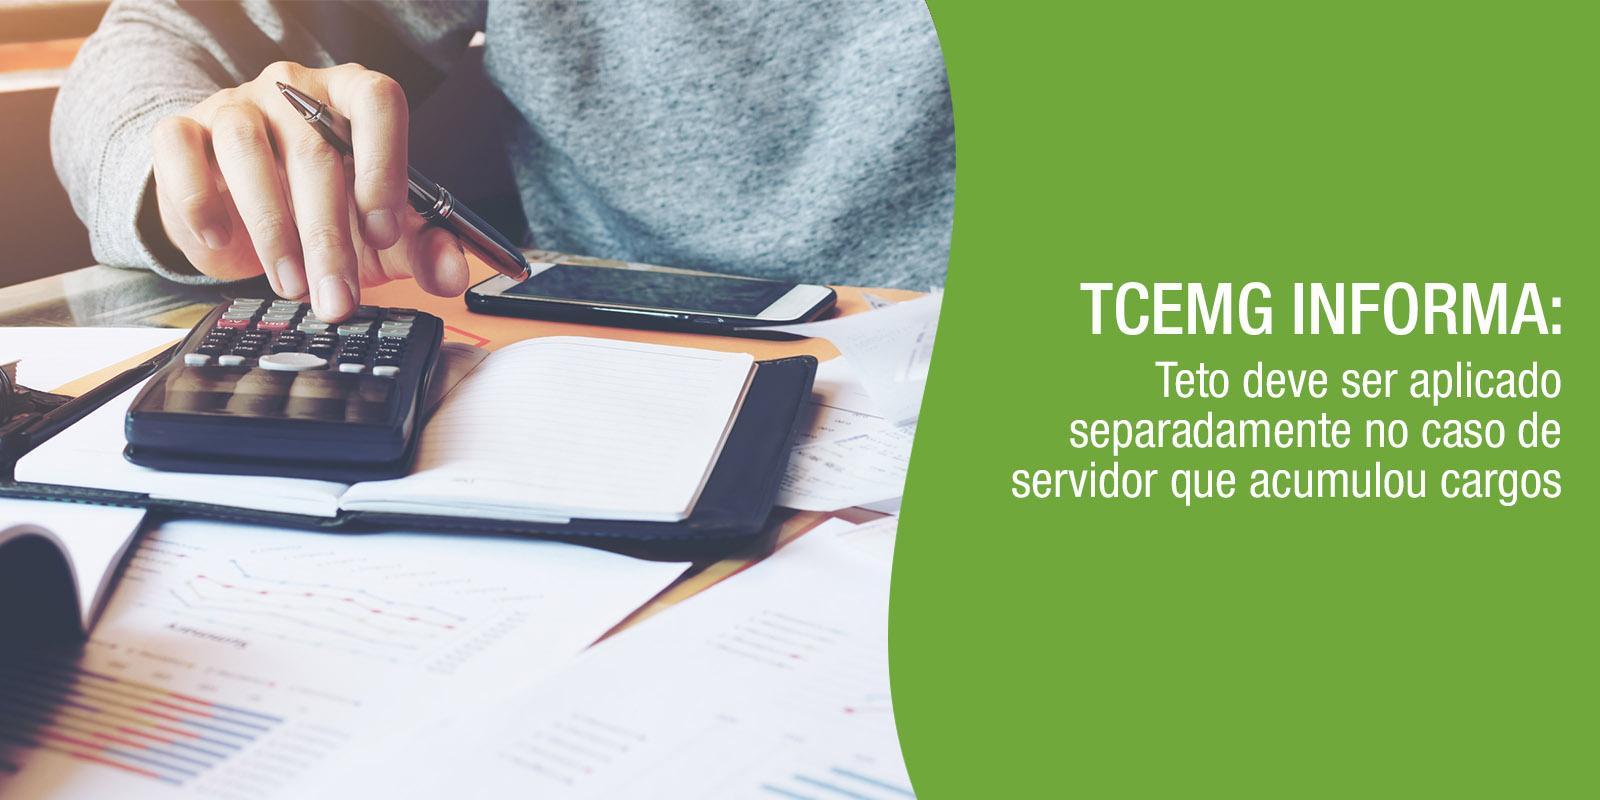 TCEMG informa: Teto deve ser aplicado separadamente no caso de servidor que acumulou cargos